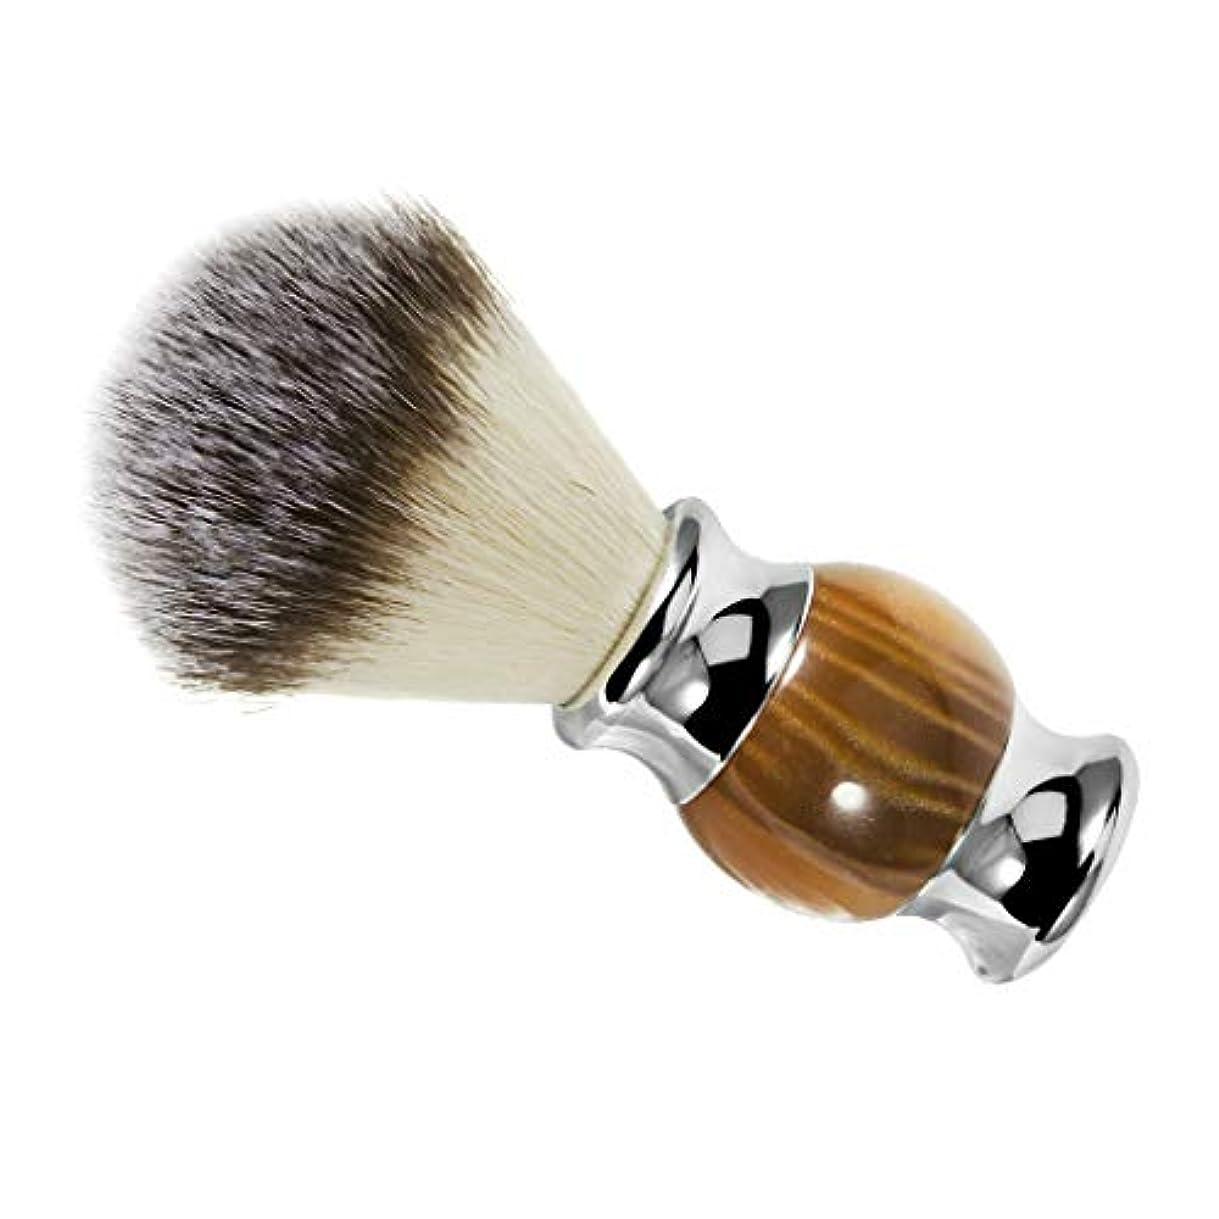 少なくとも細心の腹dailymall シェービングブラシ メンズ 口ひげブラシ ひげ剃りブラシ バーバーサロン 家庭用